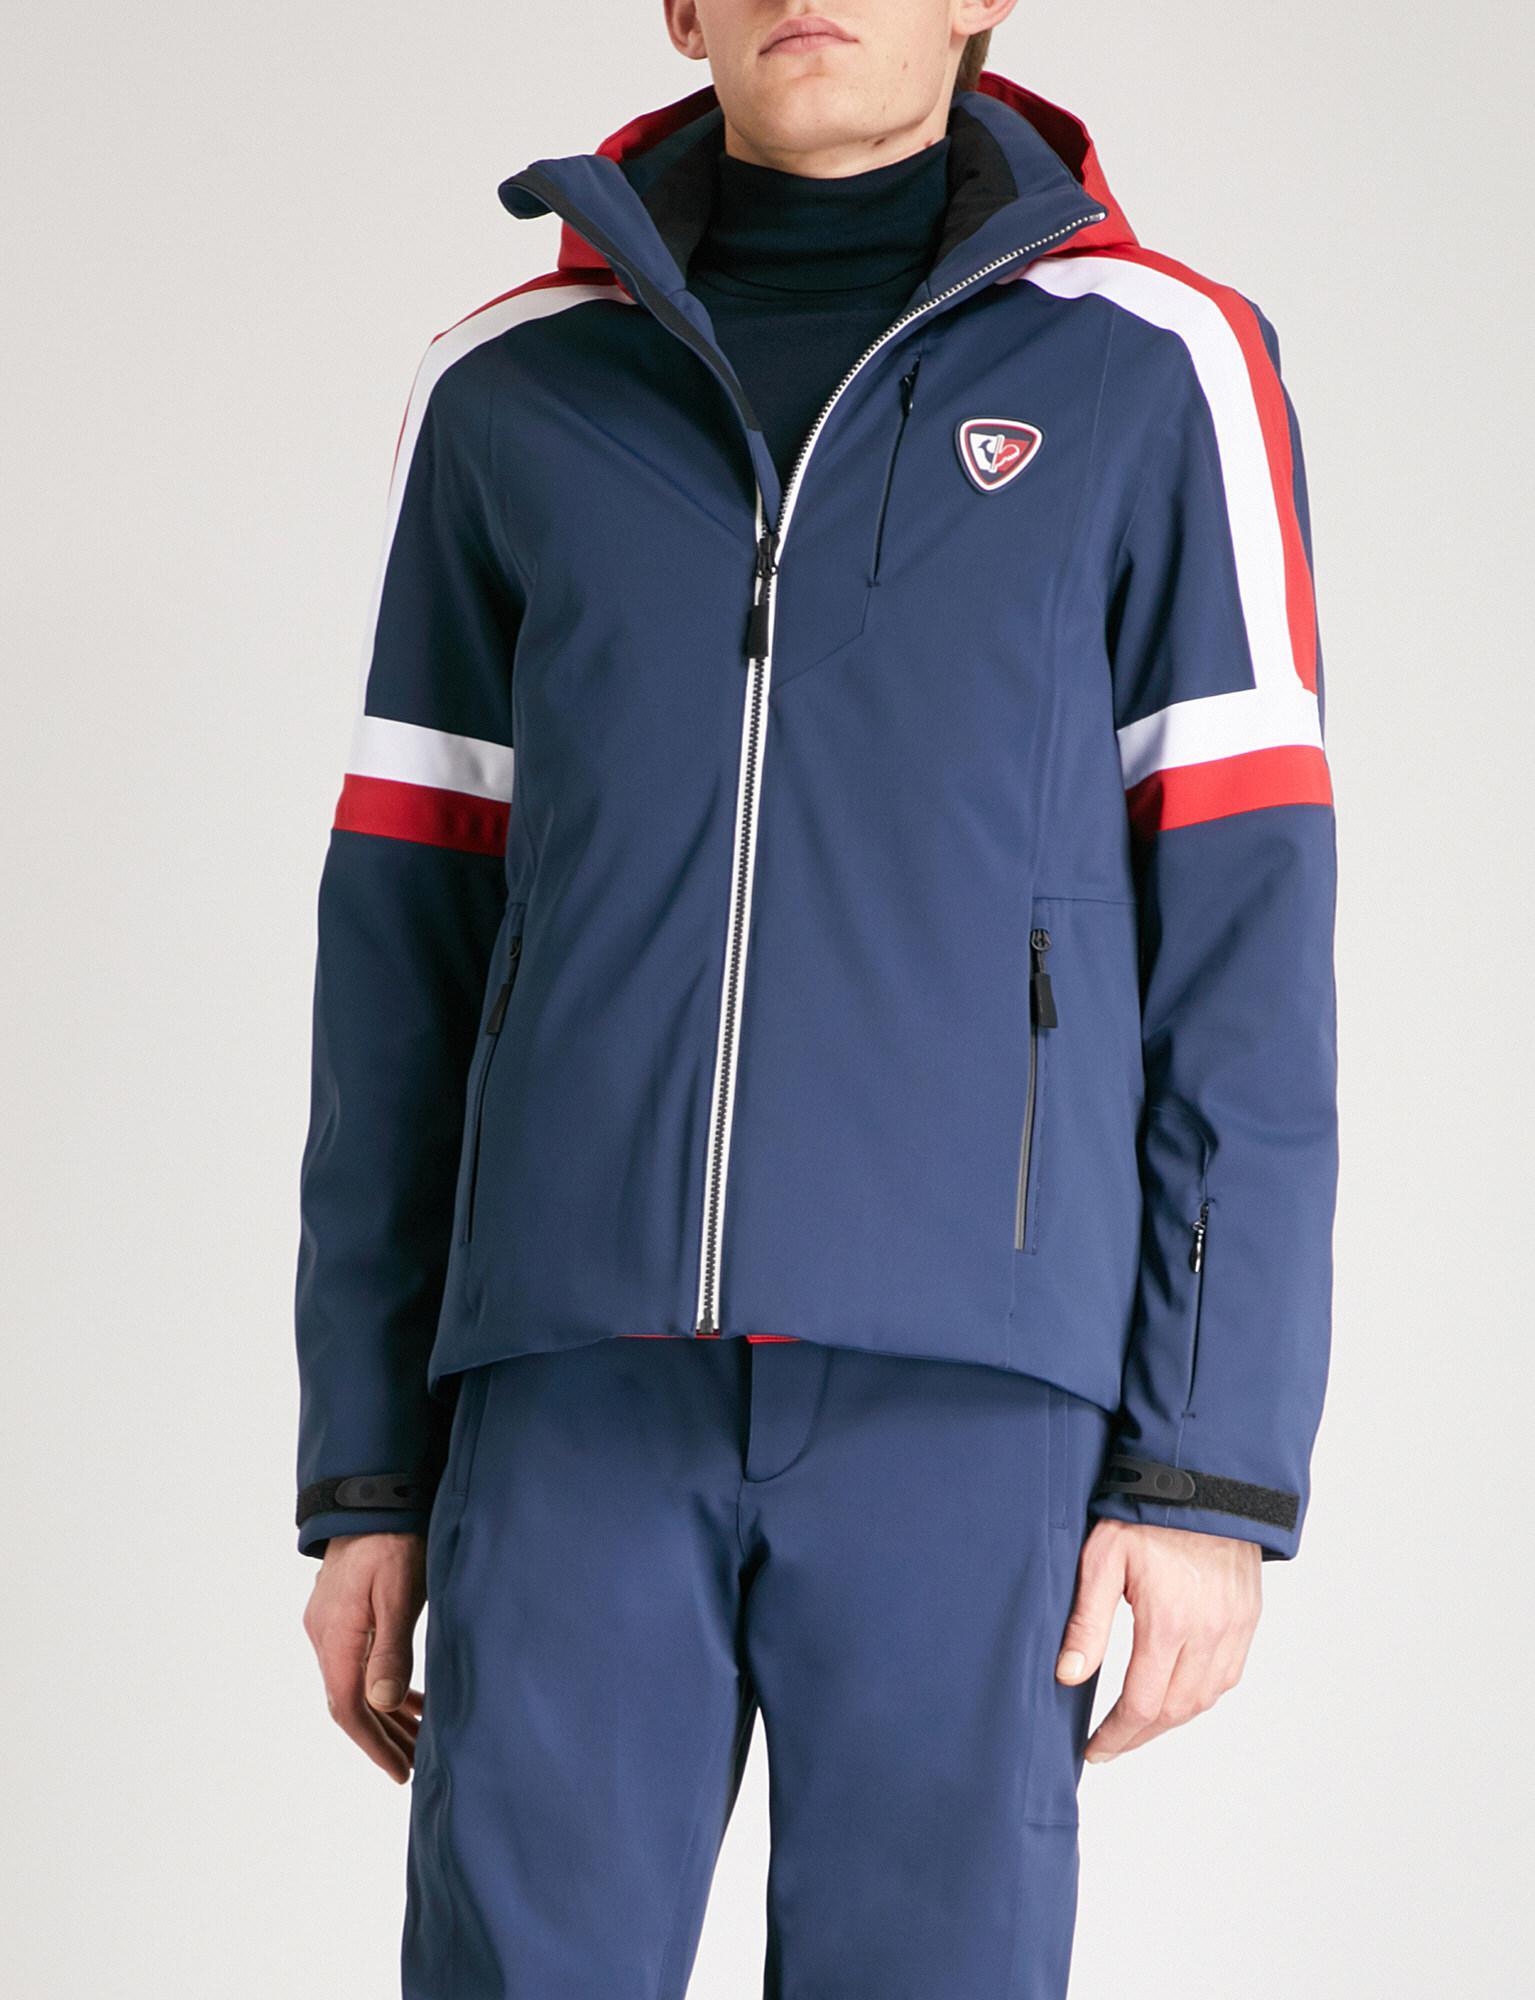 a8f3a8851 Tommy Hilfiger X Rossignol Rogar Ski Jacket in Blue for Men - Lyst